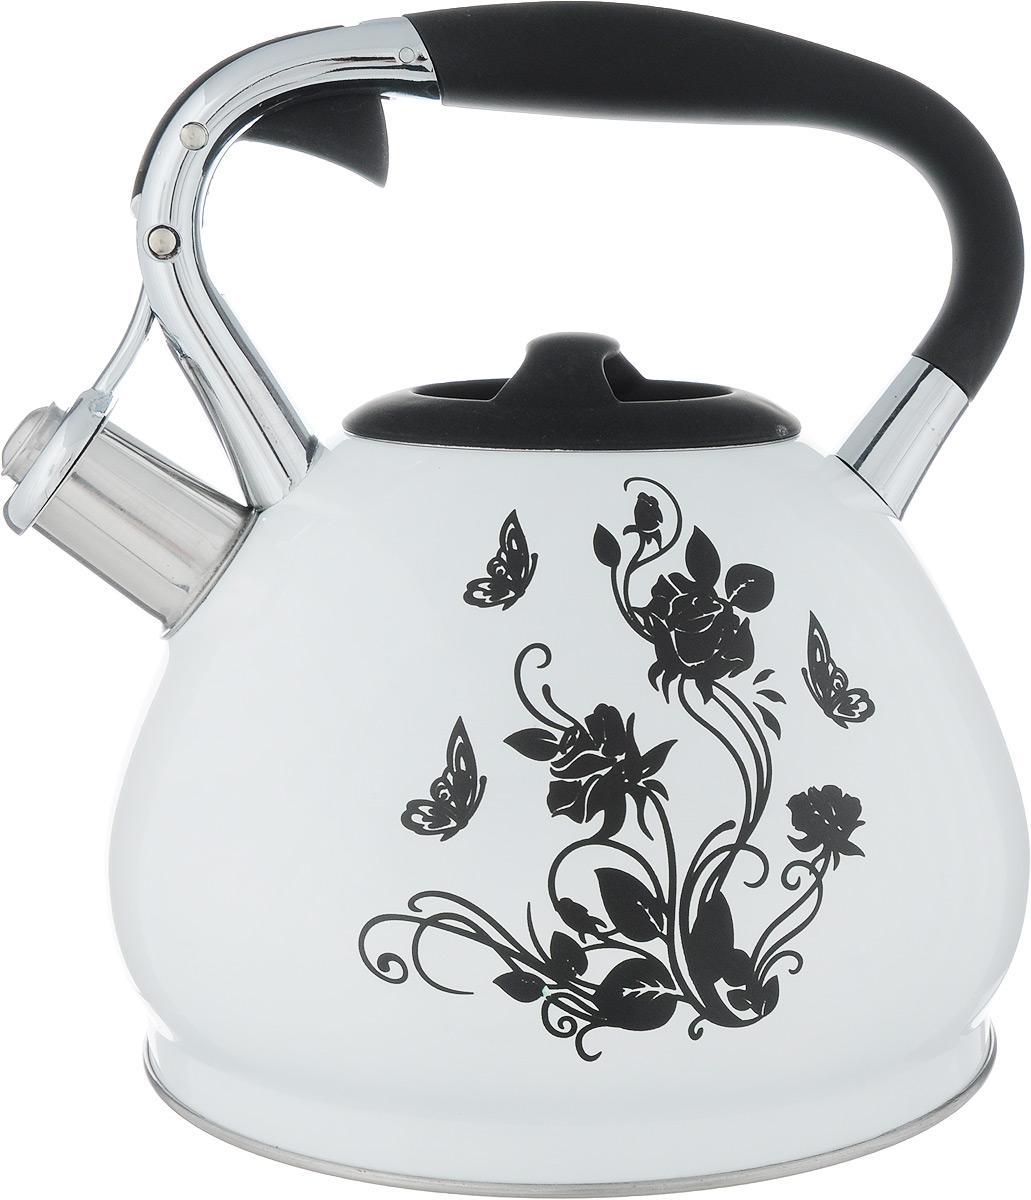 Чайник Bekker Цветок, со свистком, 3 лBK-S594_цветокЧайник Bekker Цветы выполнен из высококачественной нержавеющей стали, что обеспечивает долговечность использования. Внешнее цветное покрытие придает приятный внешний вид. Фиксированная ручка из бакелита с силиконовым покрытием делает использование чайника очень удобным и безопасным. Чайник снабжен свистком и устройством для открывания носика, которое находится на ручке. Изделие оснащено цельнометаллическим дном, что способствует медленному остыванию чайника. Черный рисунок на стенке чайника при достижении температуры 40°С начинает менять окрас на радужные цвета. Подходит для газовых, электрических и стеклокерамических плит, а также индукционных. Можно мыть в посудомоечной машине. Высота чайника (без учета крышки и ручки): 14 см. Высота чайника (с учетом ручки): 24 см. Диаметр (по верхнему краю): 9,5 см.